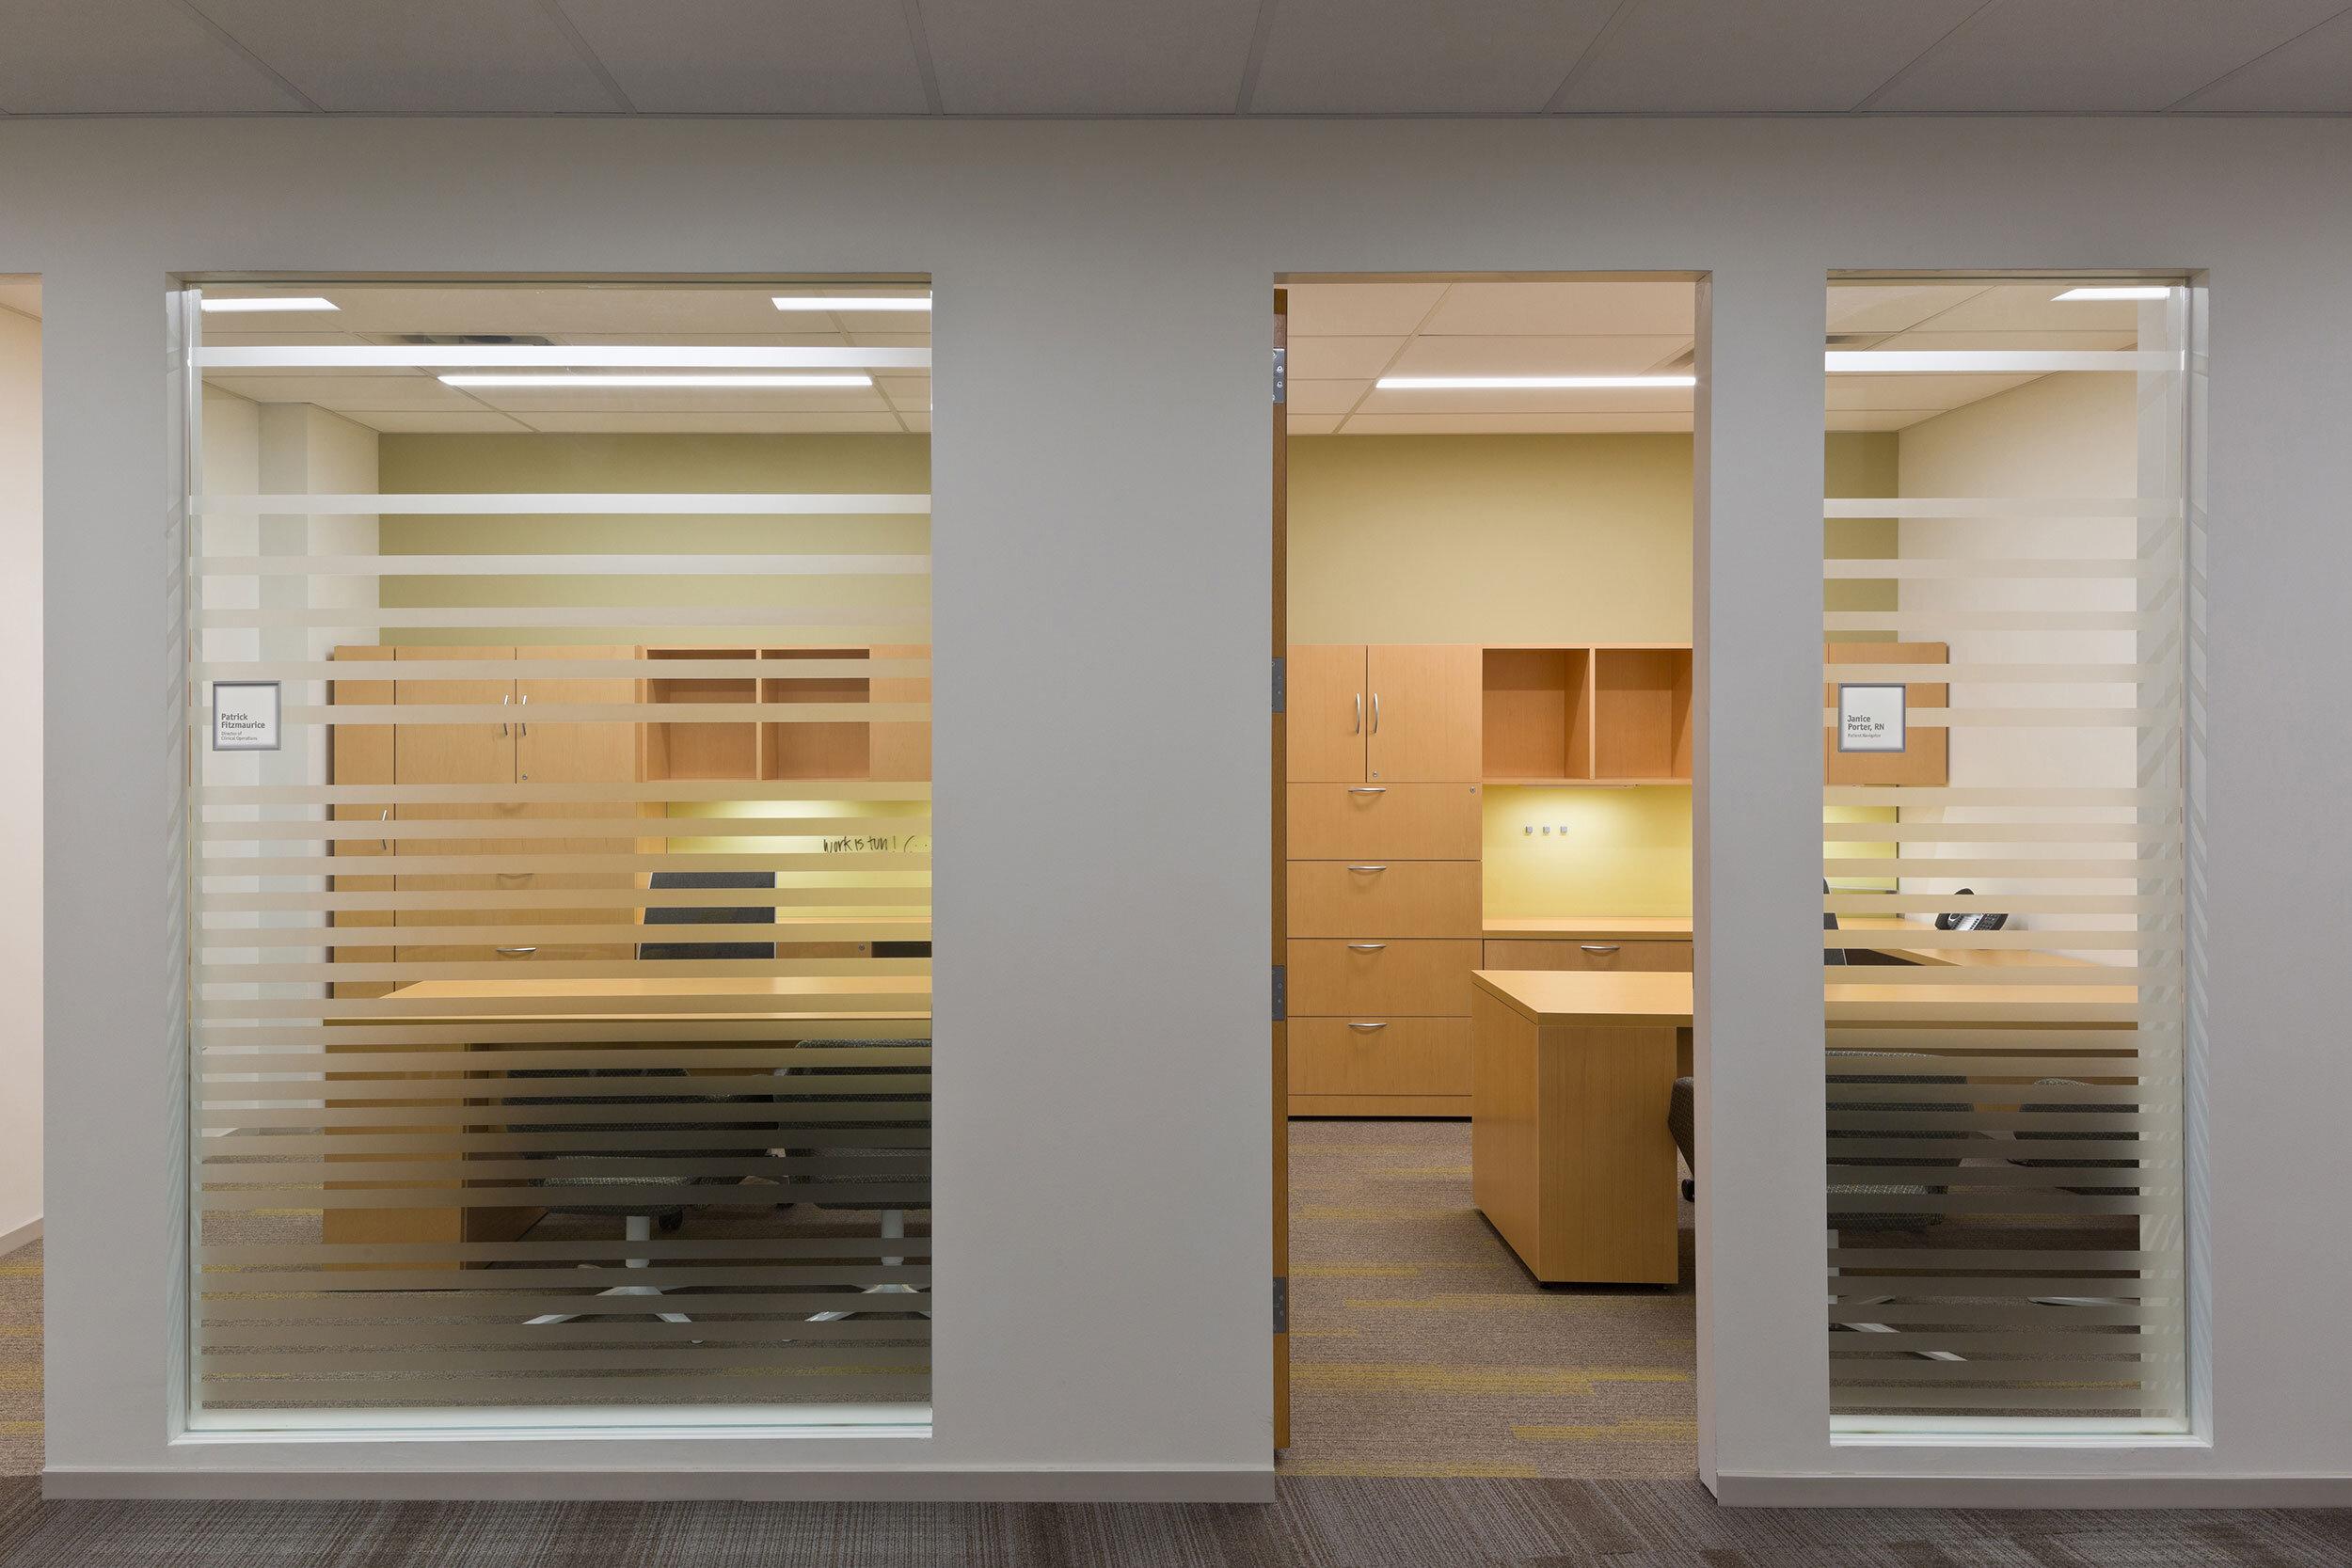 Offices I.jpg